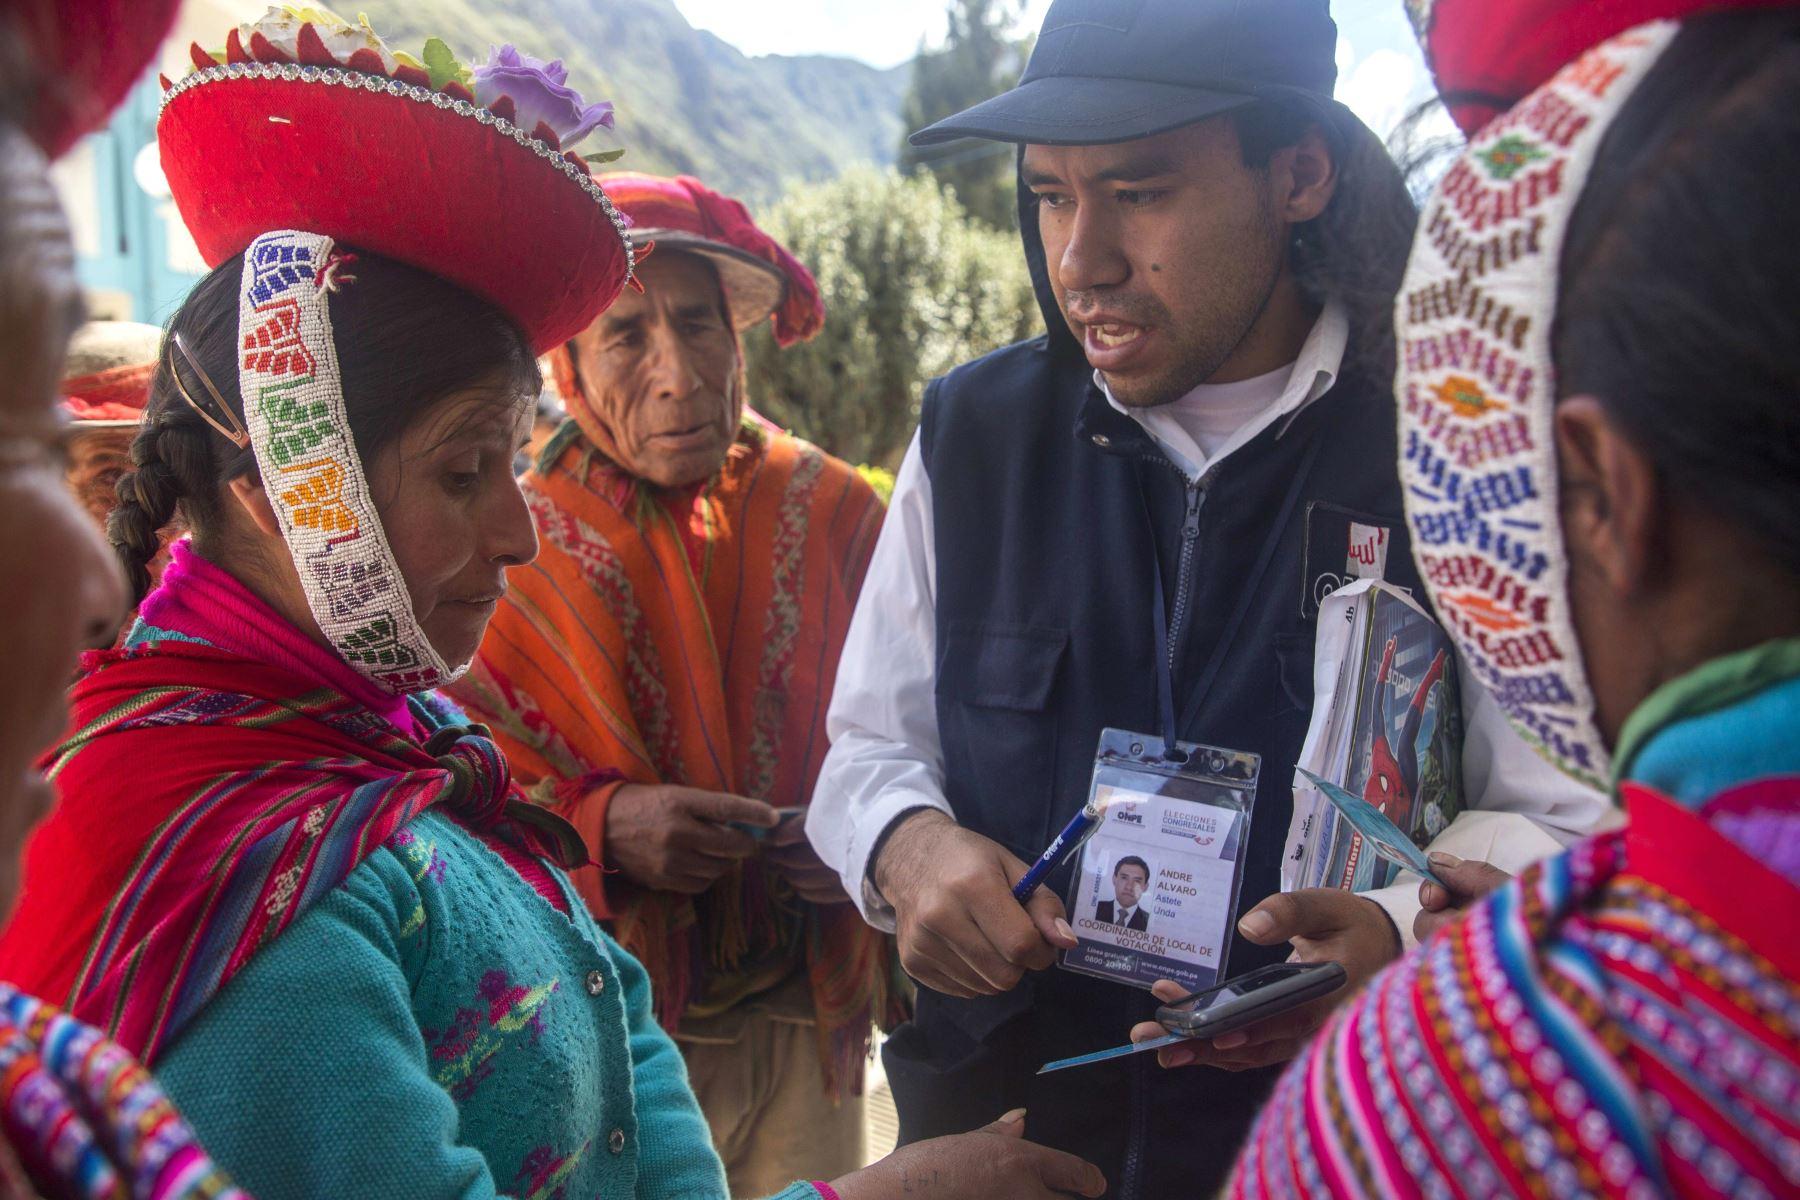 Un empleado de la Oficina Nacional de Preocesos Electorales (ONPE) ayuda a buscar las mesas de votación a integrantes de la comunidad campesina Quelccanqa  del centro poblado de Ollantaytambo en el departamento del Cuzco (Perú), donde se realizaron  elecciones extraordinarias al Congreso. Foto: EFE